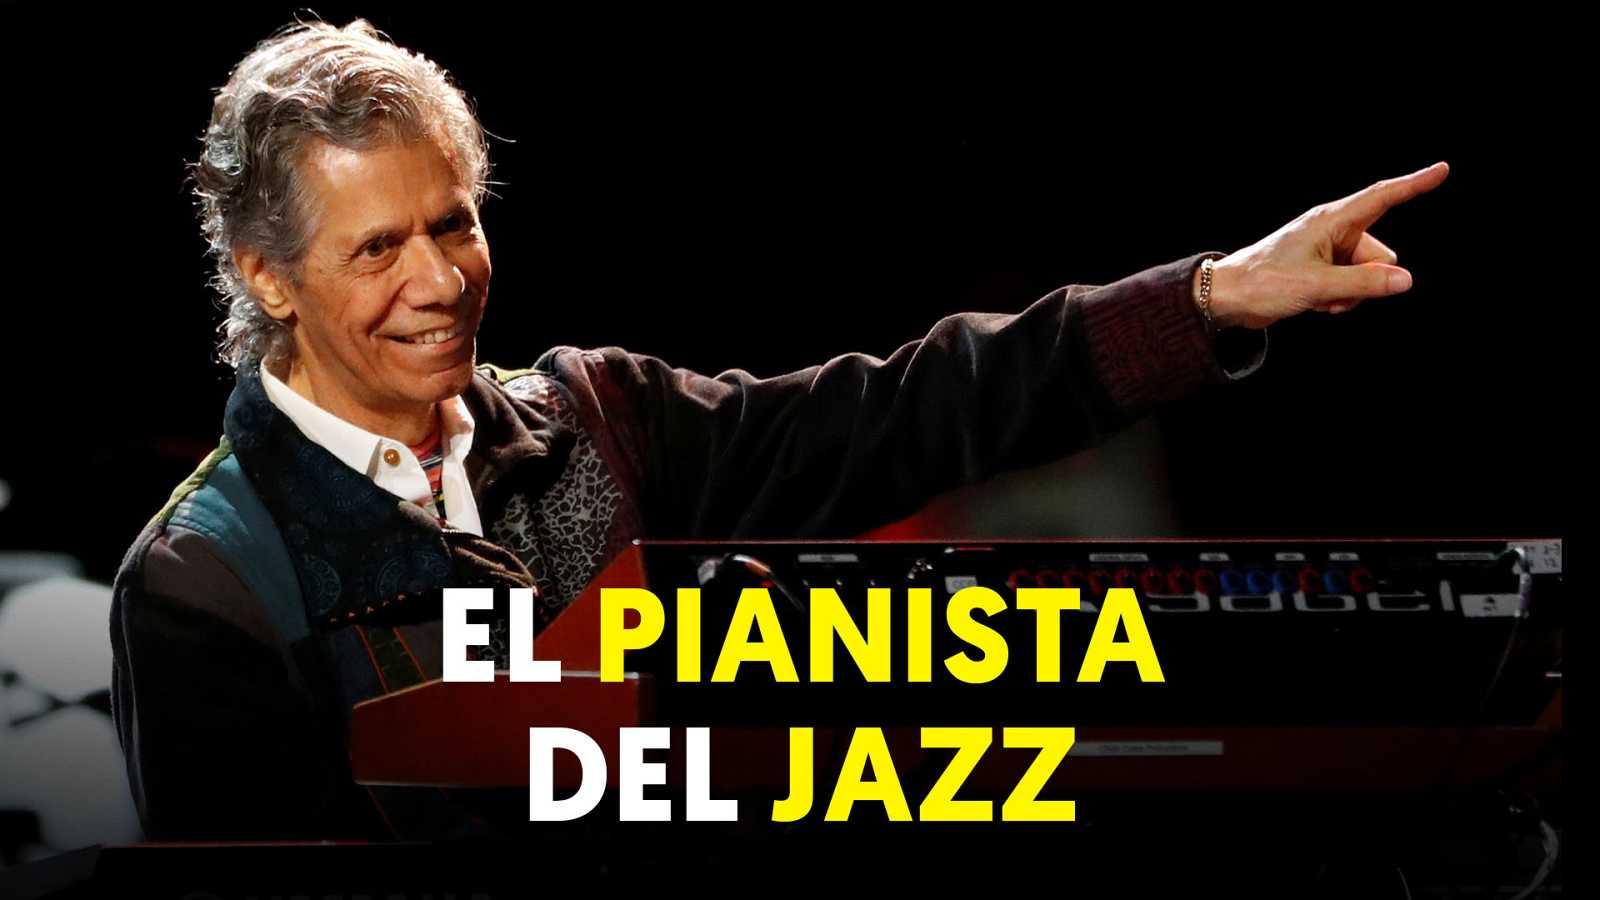 Muere la leyenda de jazz Armando Anthony Corea, conocido como Chick Corea